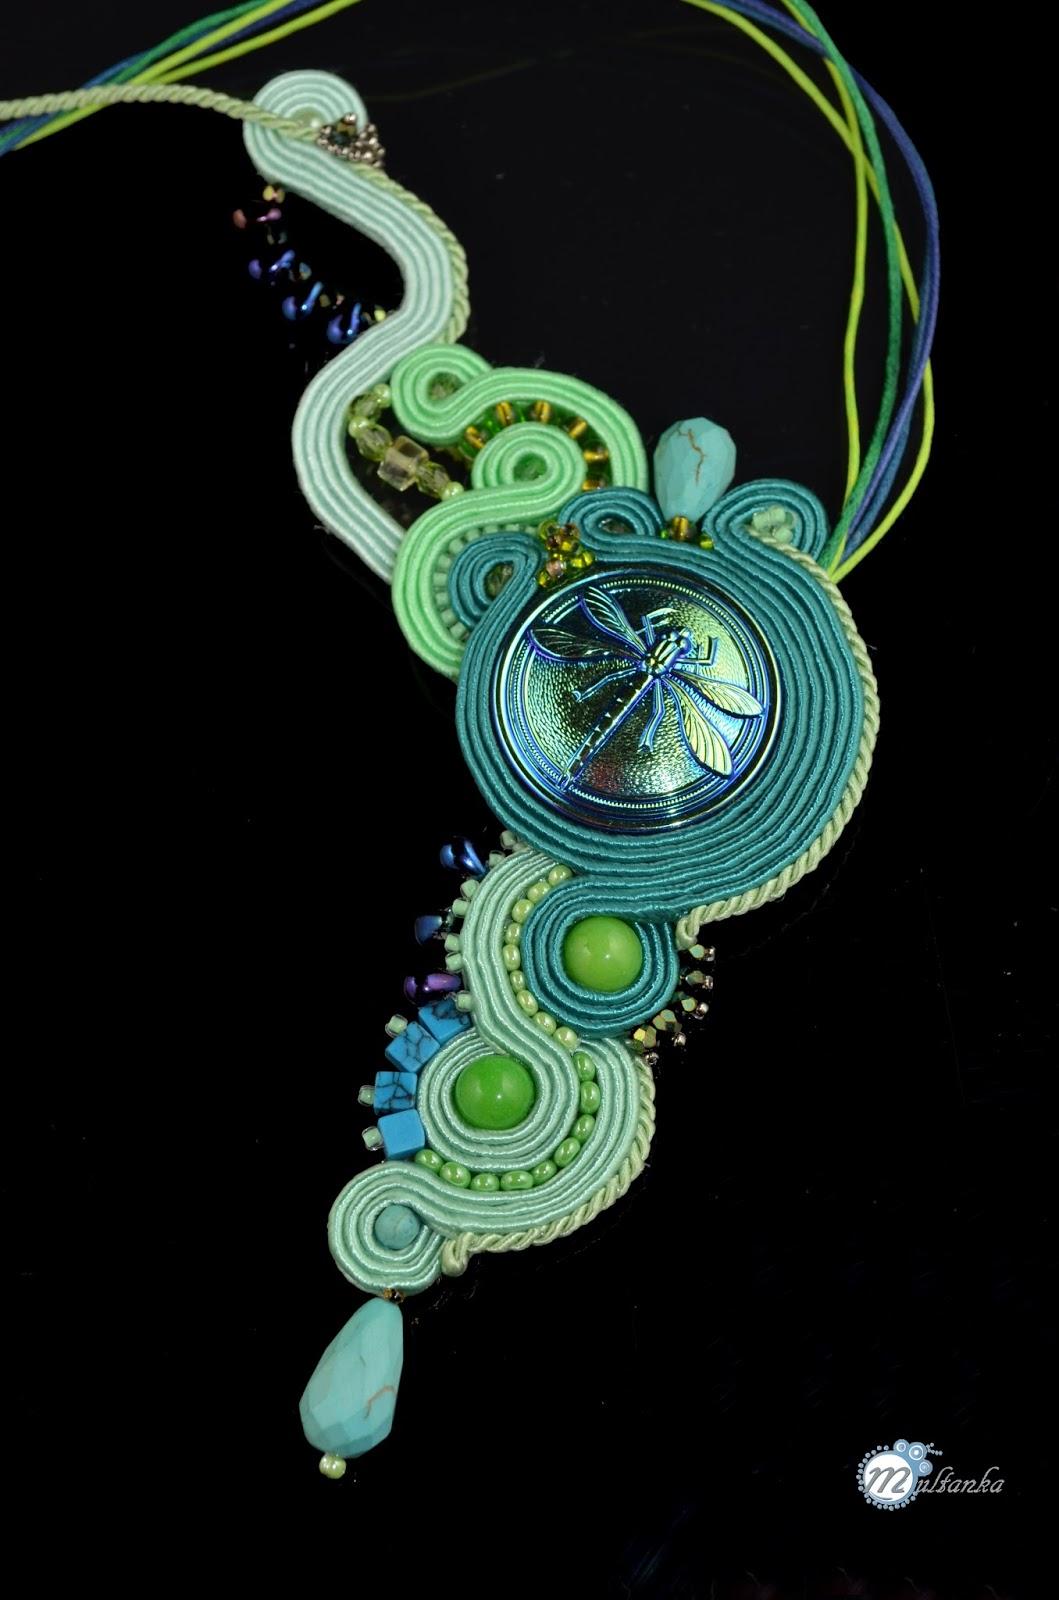 Turkusowy naszyjnik z ważką, wykany metoda haftu soutache - wykonanie multanka